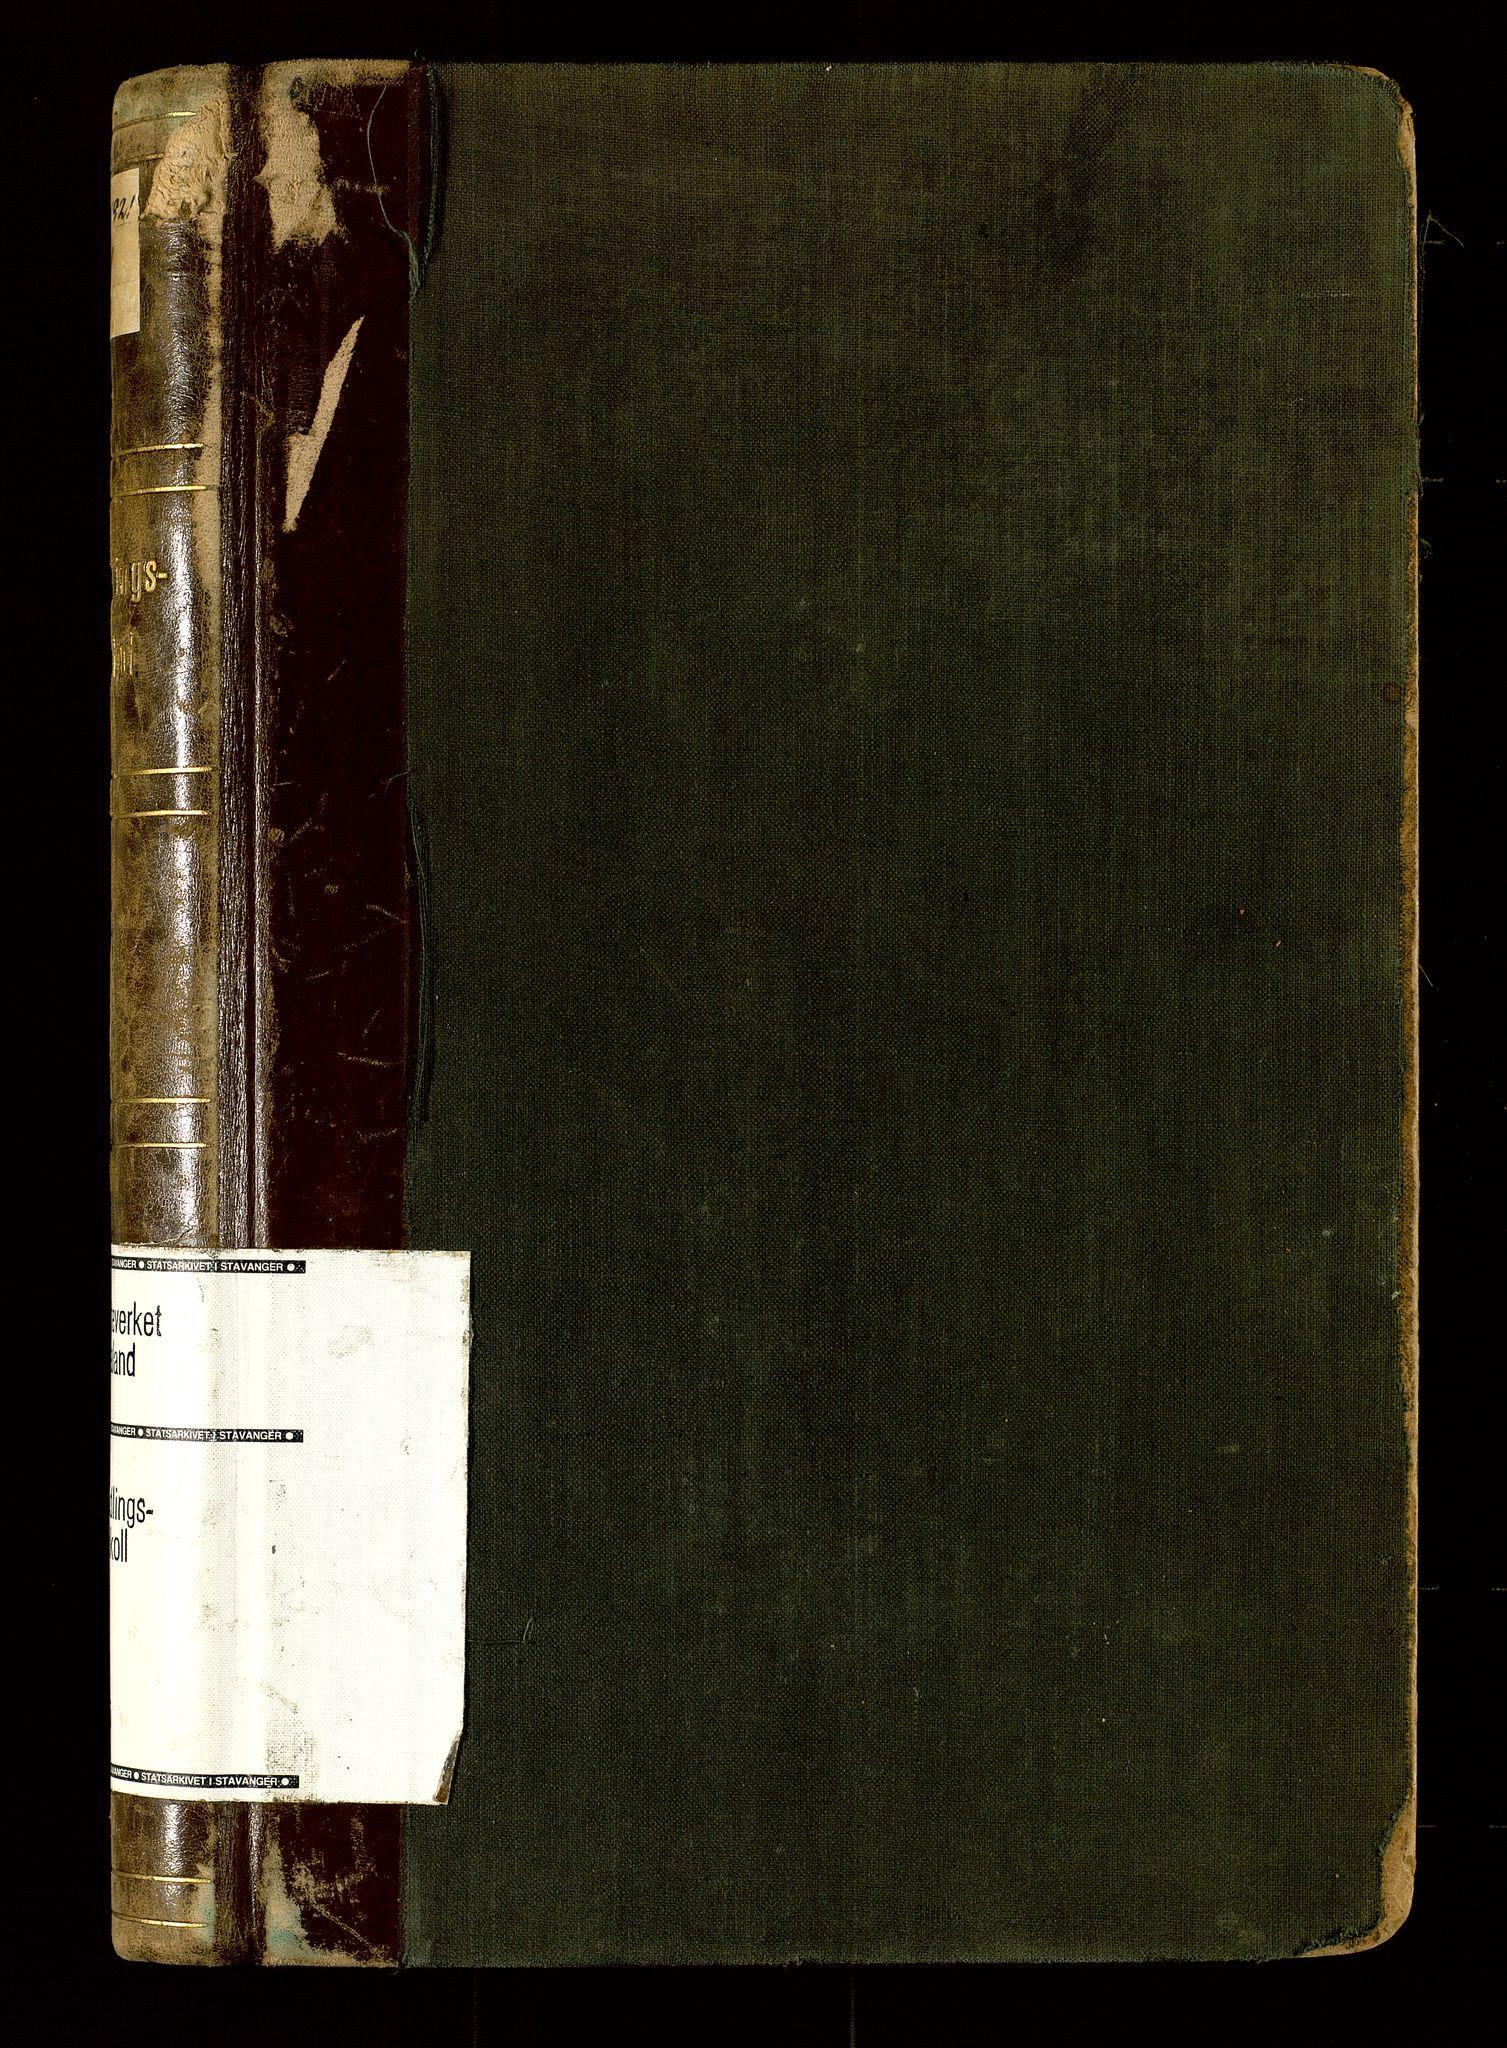 SAST, Rogaland jordskifterett, Oa/L0076: Forhandlingsprotokoll, 1919-1921